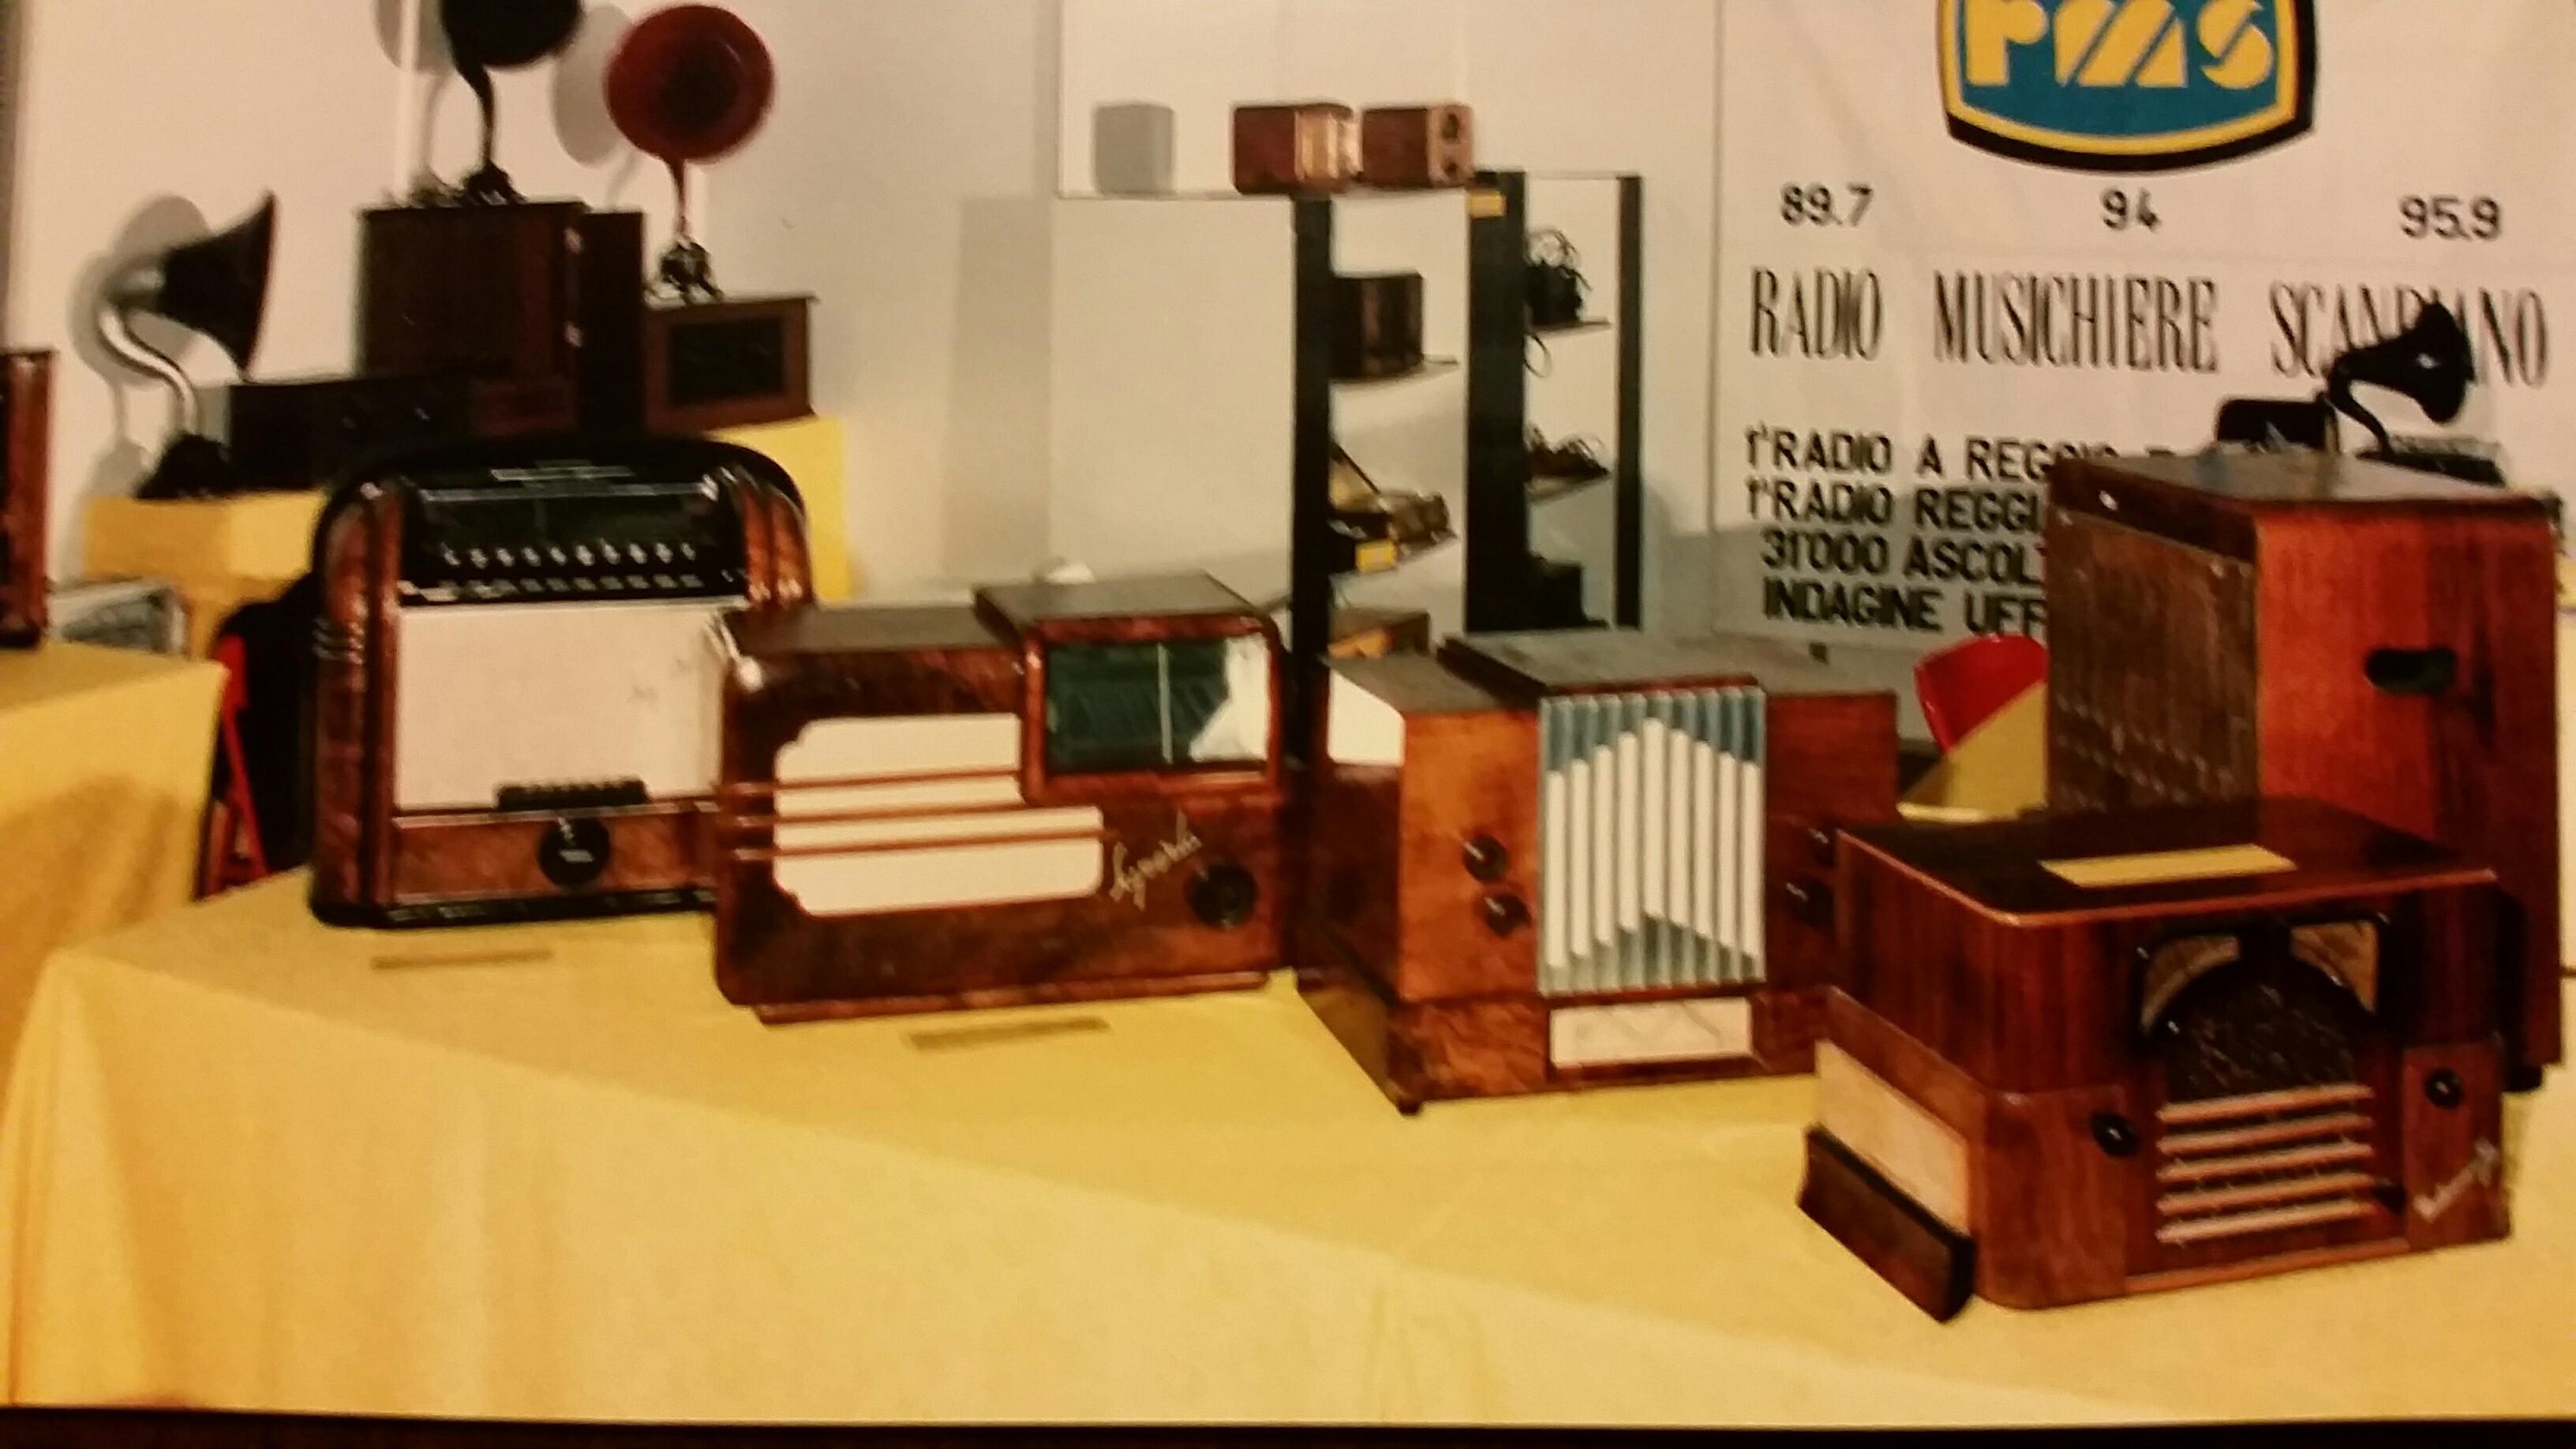 1990 Fiera dell'elettronica...la storia della radio